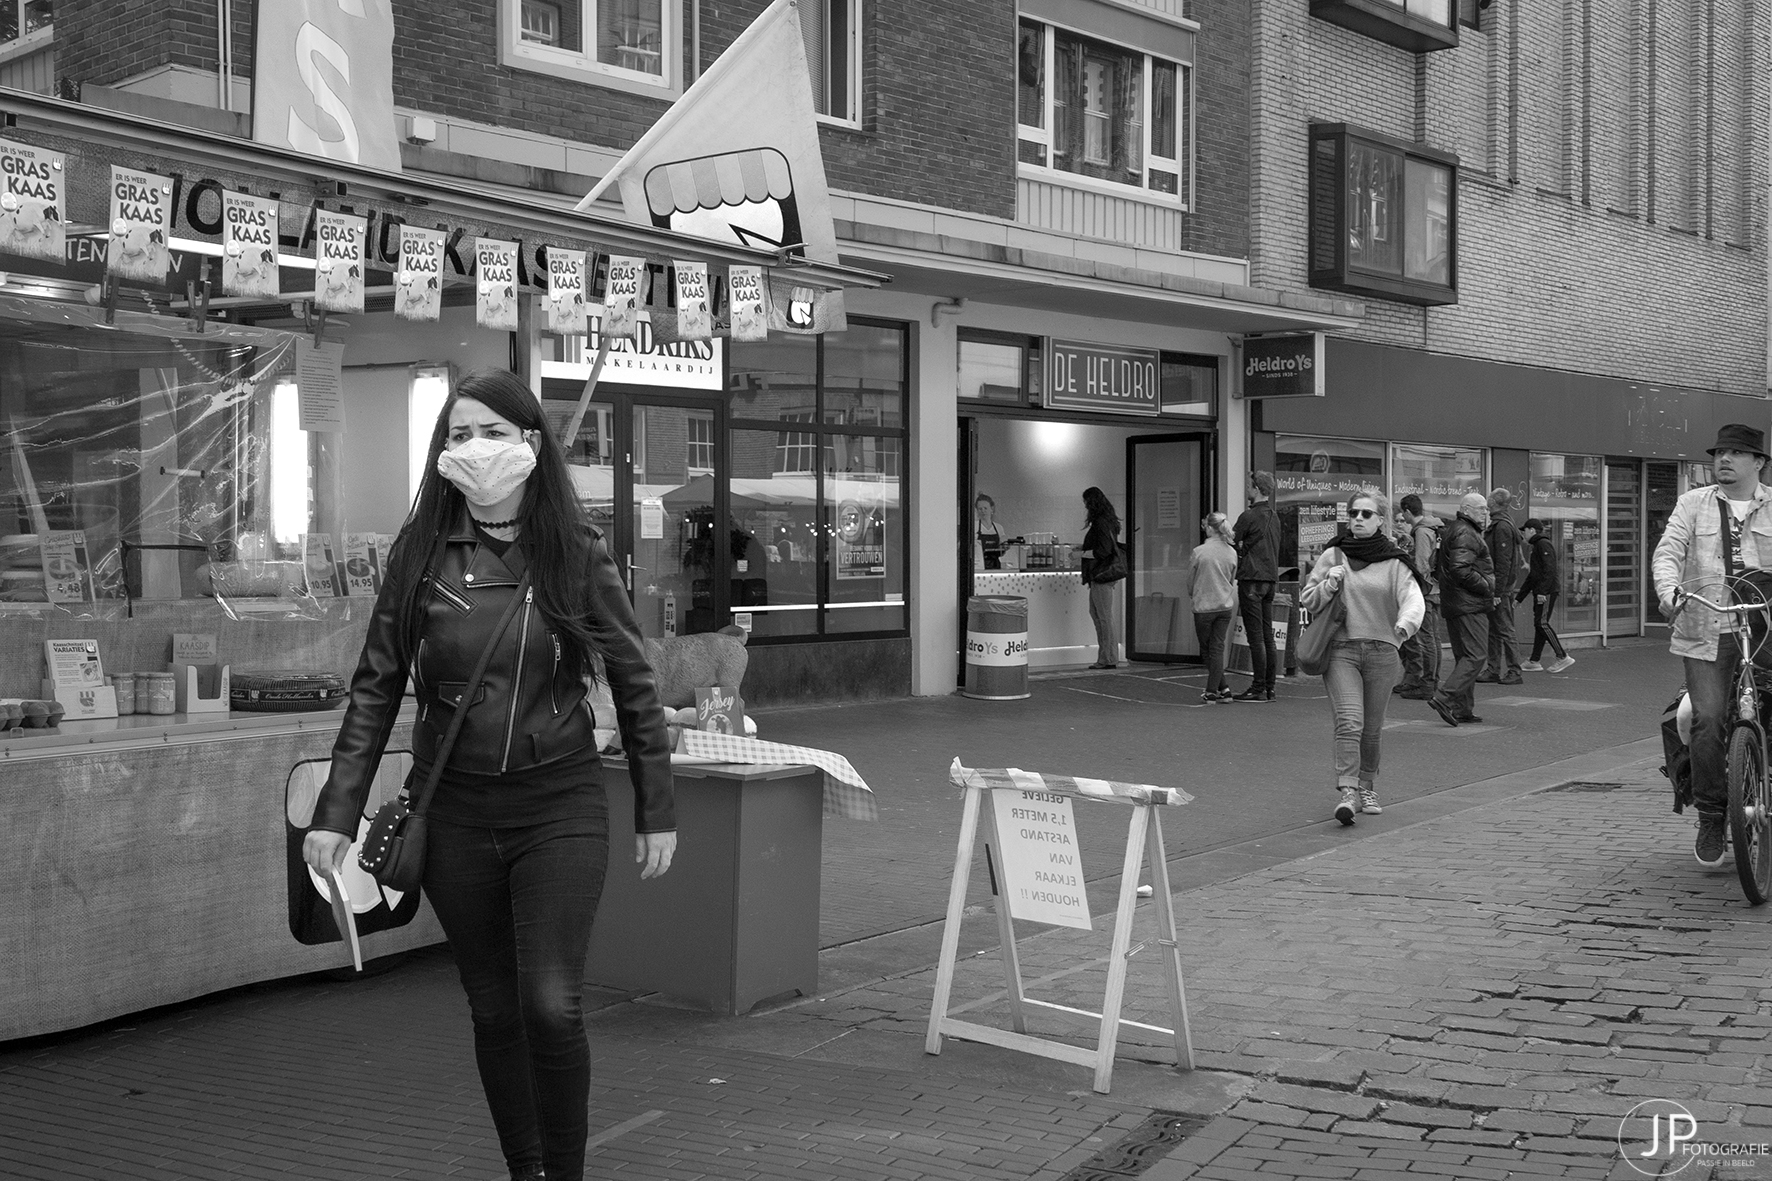 mondkapjes worden in te straatbeeld opgenomen